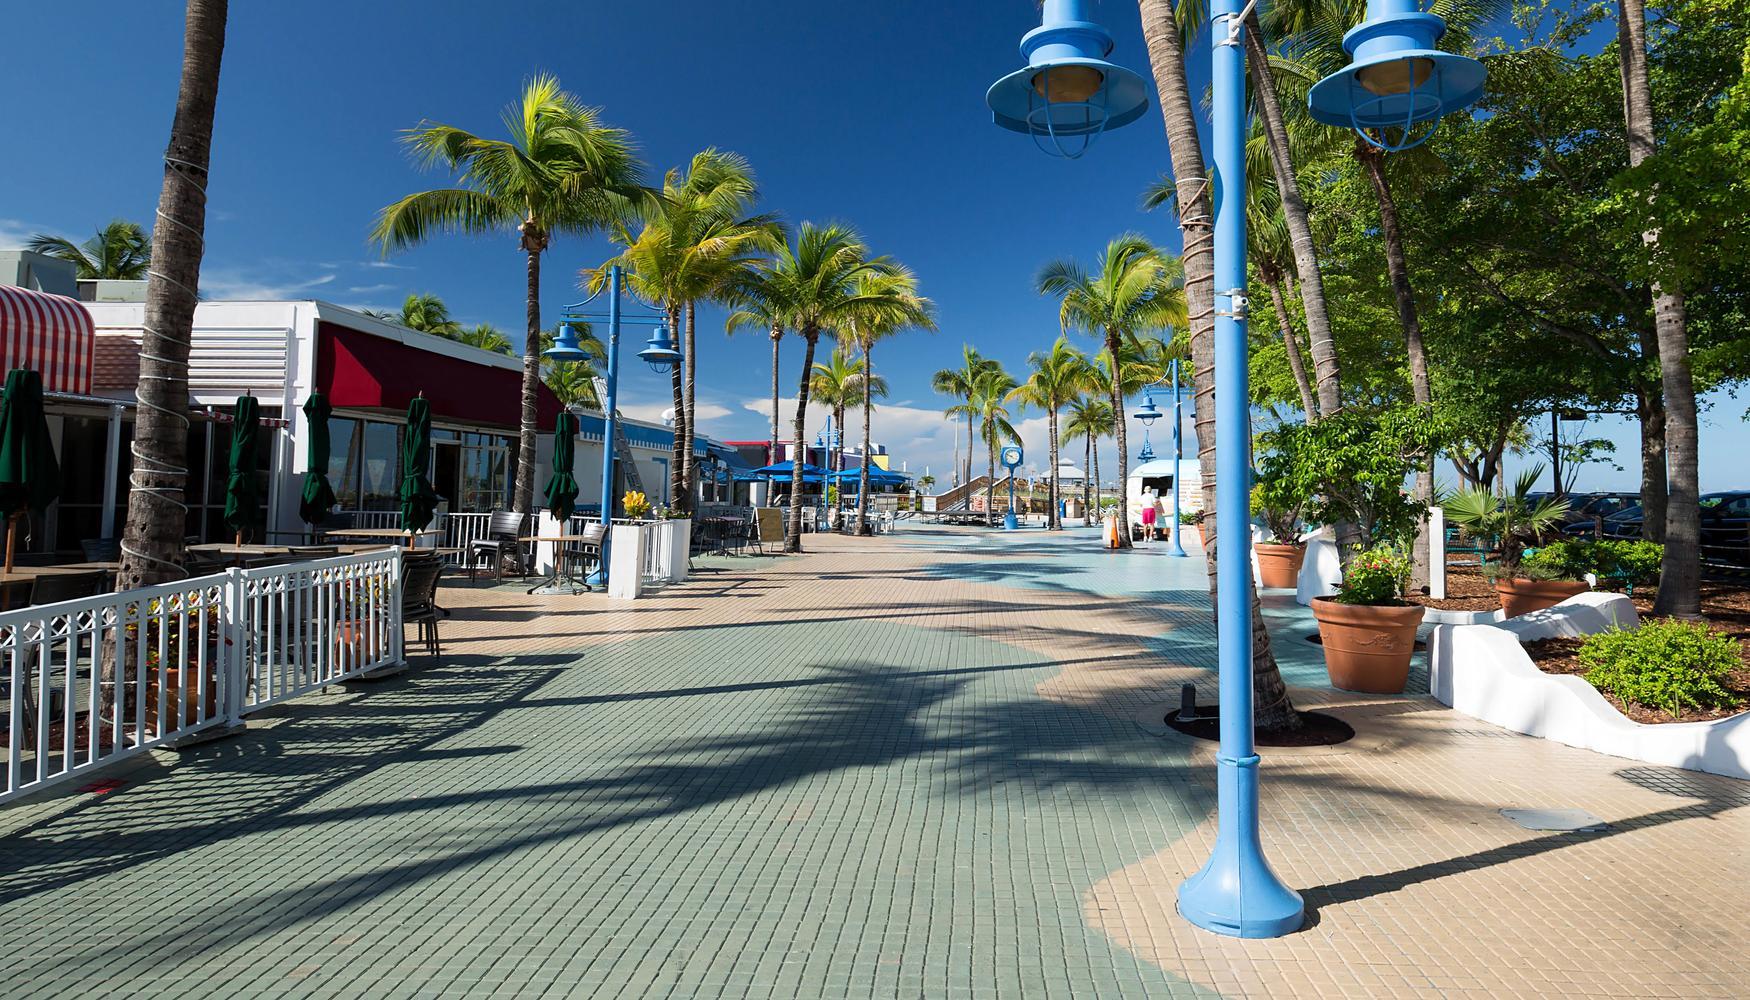 迈尔斯堡 西南佛罗里达国际机场的租车